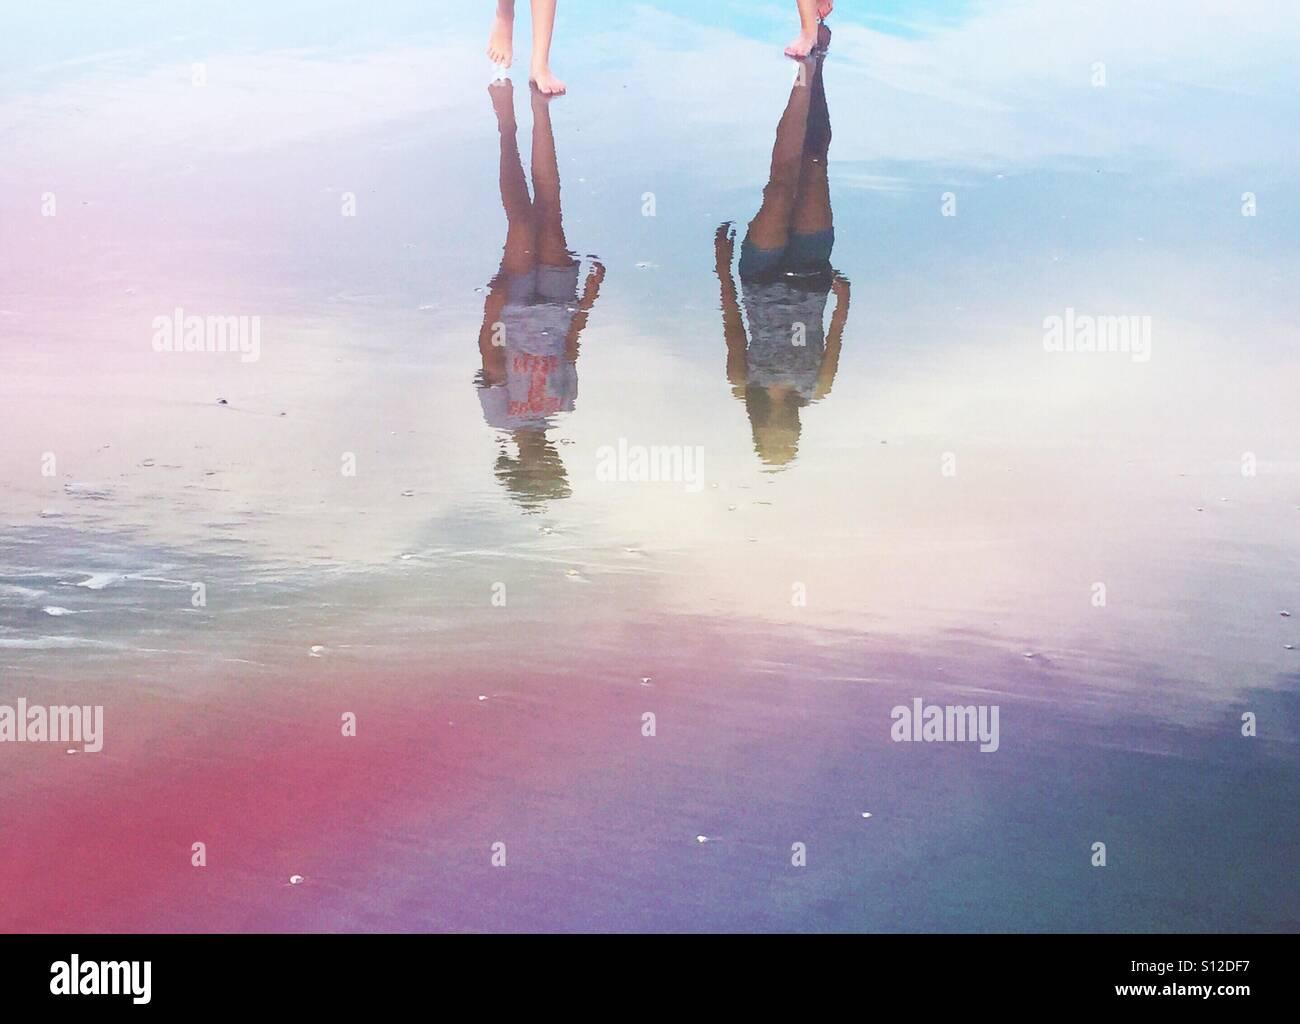 Die Reflexionen der beiden dunkelhaarigen Schwestern im Sand am Strand Stockbild